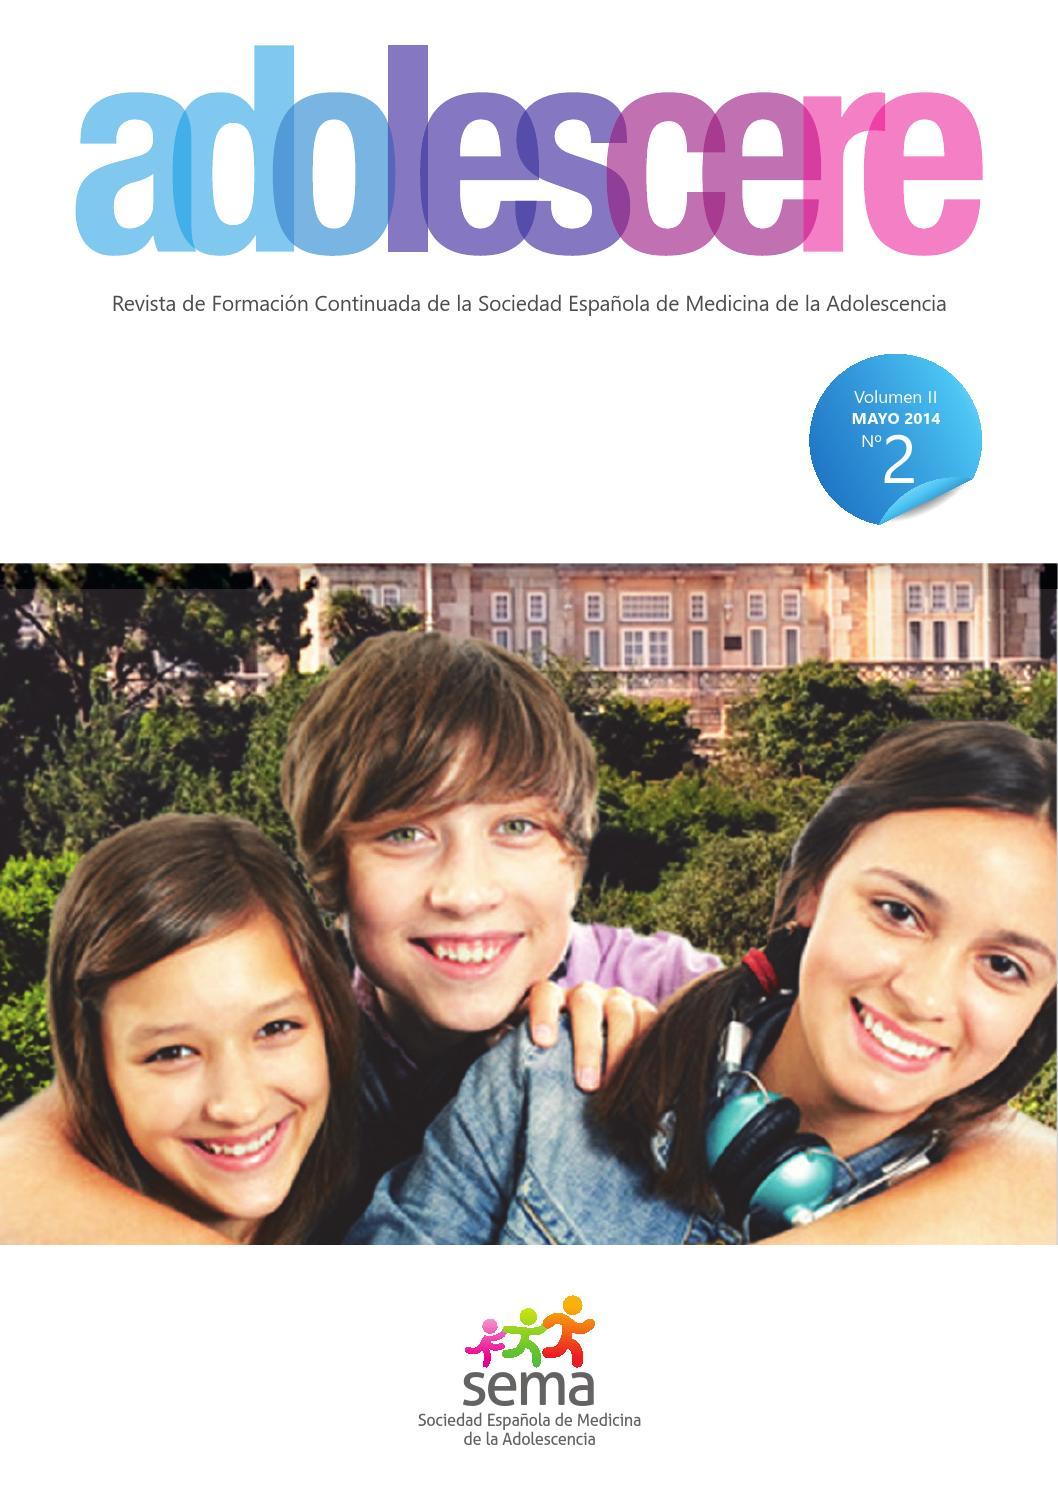 Revista Adolescere Volumen 2 Numero 2 Mayo 2014 by SEMA Adolescencia ...